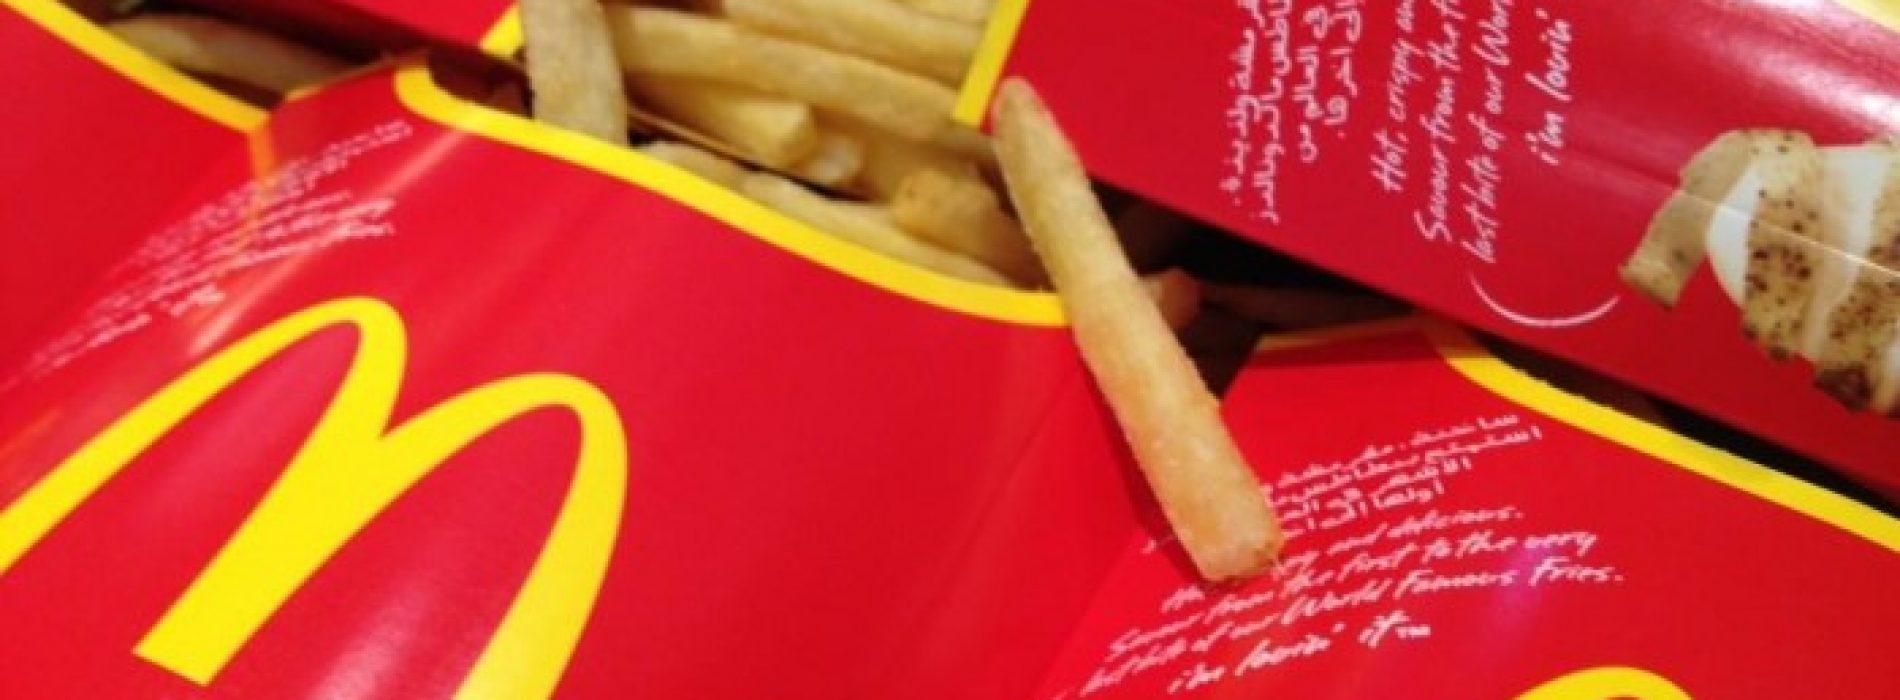 McDonald's doodt in 10 dagen tijd 40 procent van alle darmbacteriën